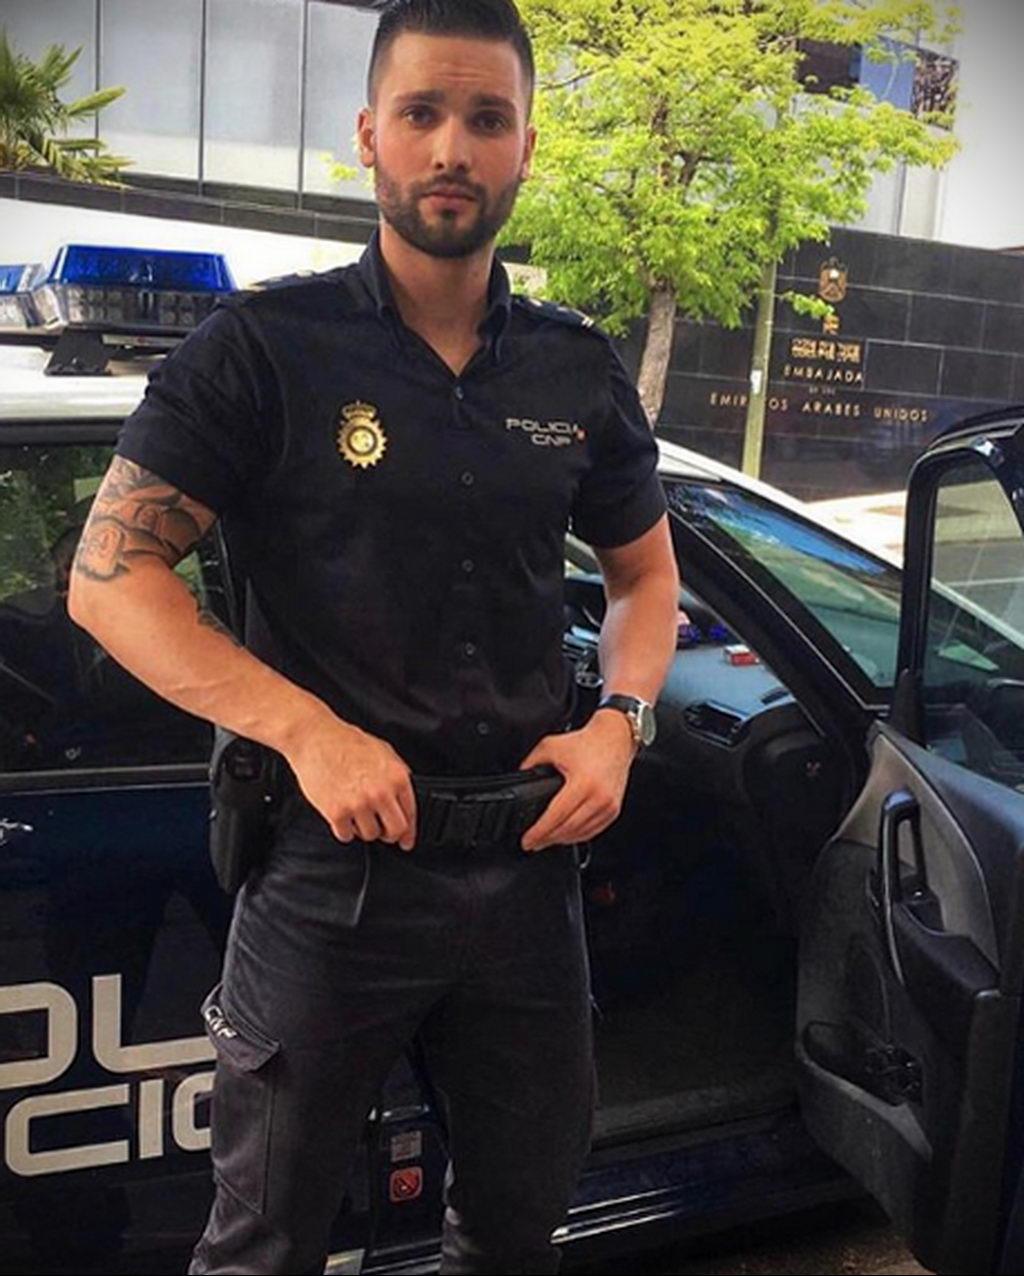 Фото действующего сотрудника полиции в форме с татуировками на теле для tatufoto.com 46